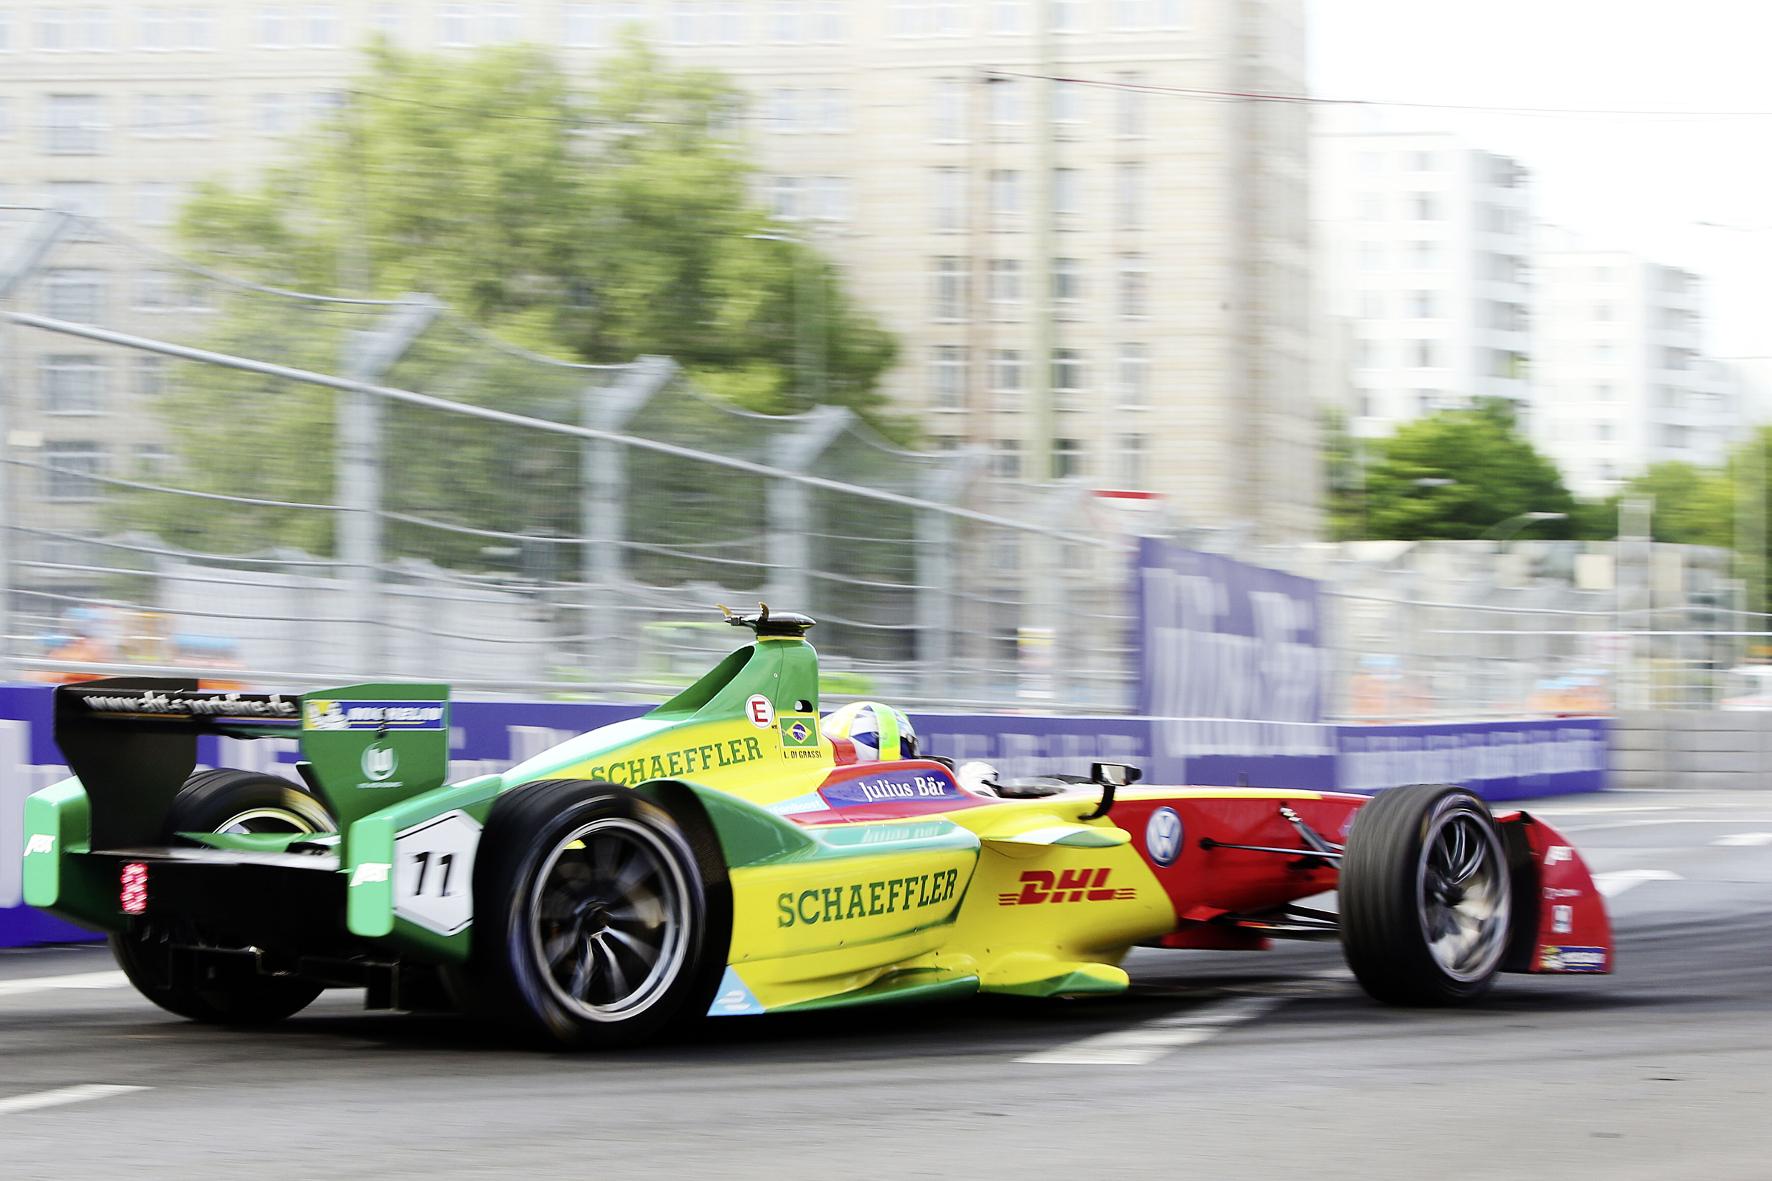 mid Groß-Gerau - Enge Kiste: Der Brasilianer Lucas di Grassi führt die Fahrer-Wertung der Formel E vor dem Saisonfinale 2016 in London mit nur einem Punkt Vorsprung an.